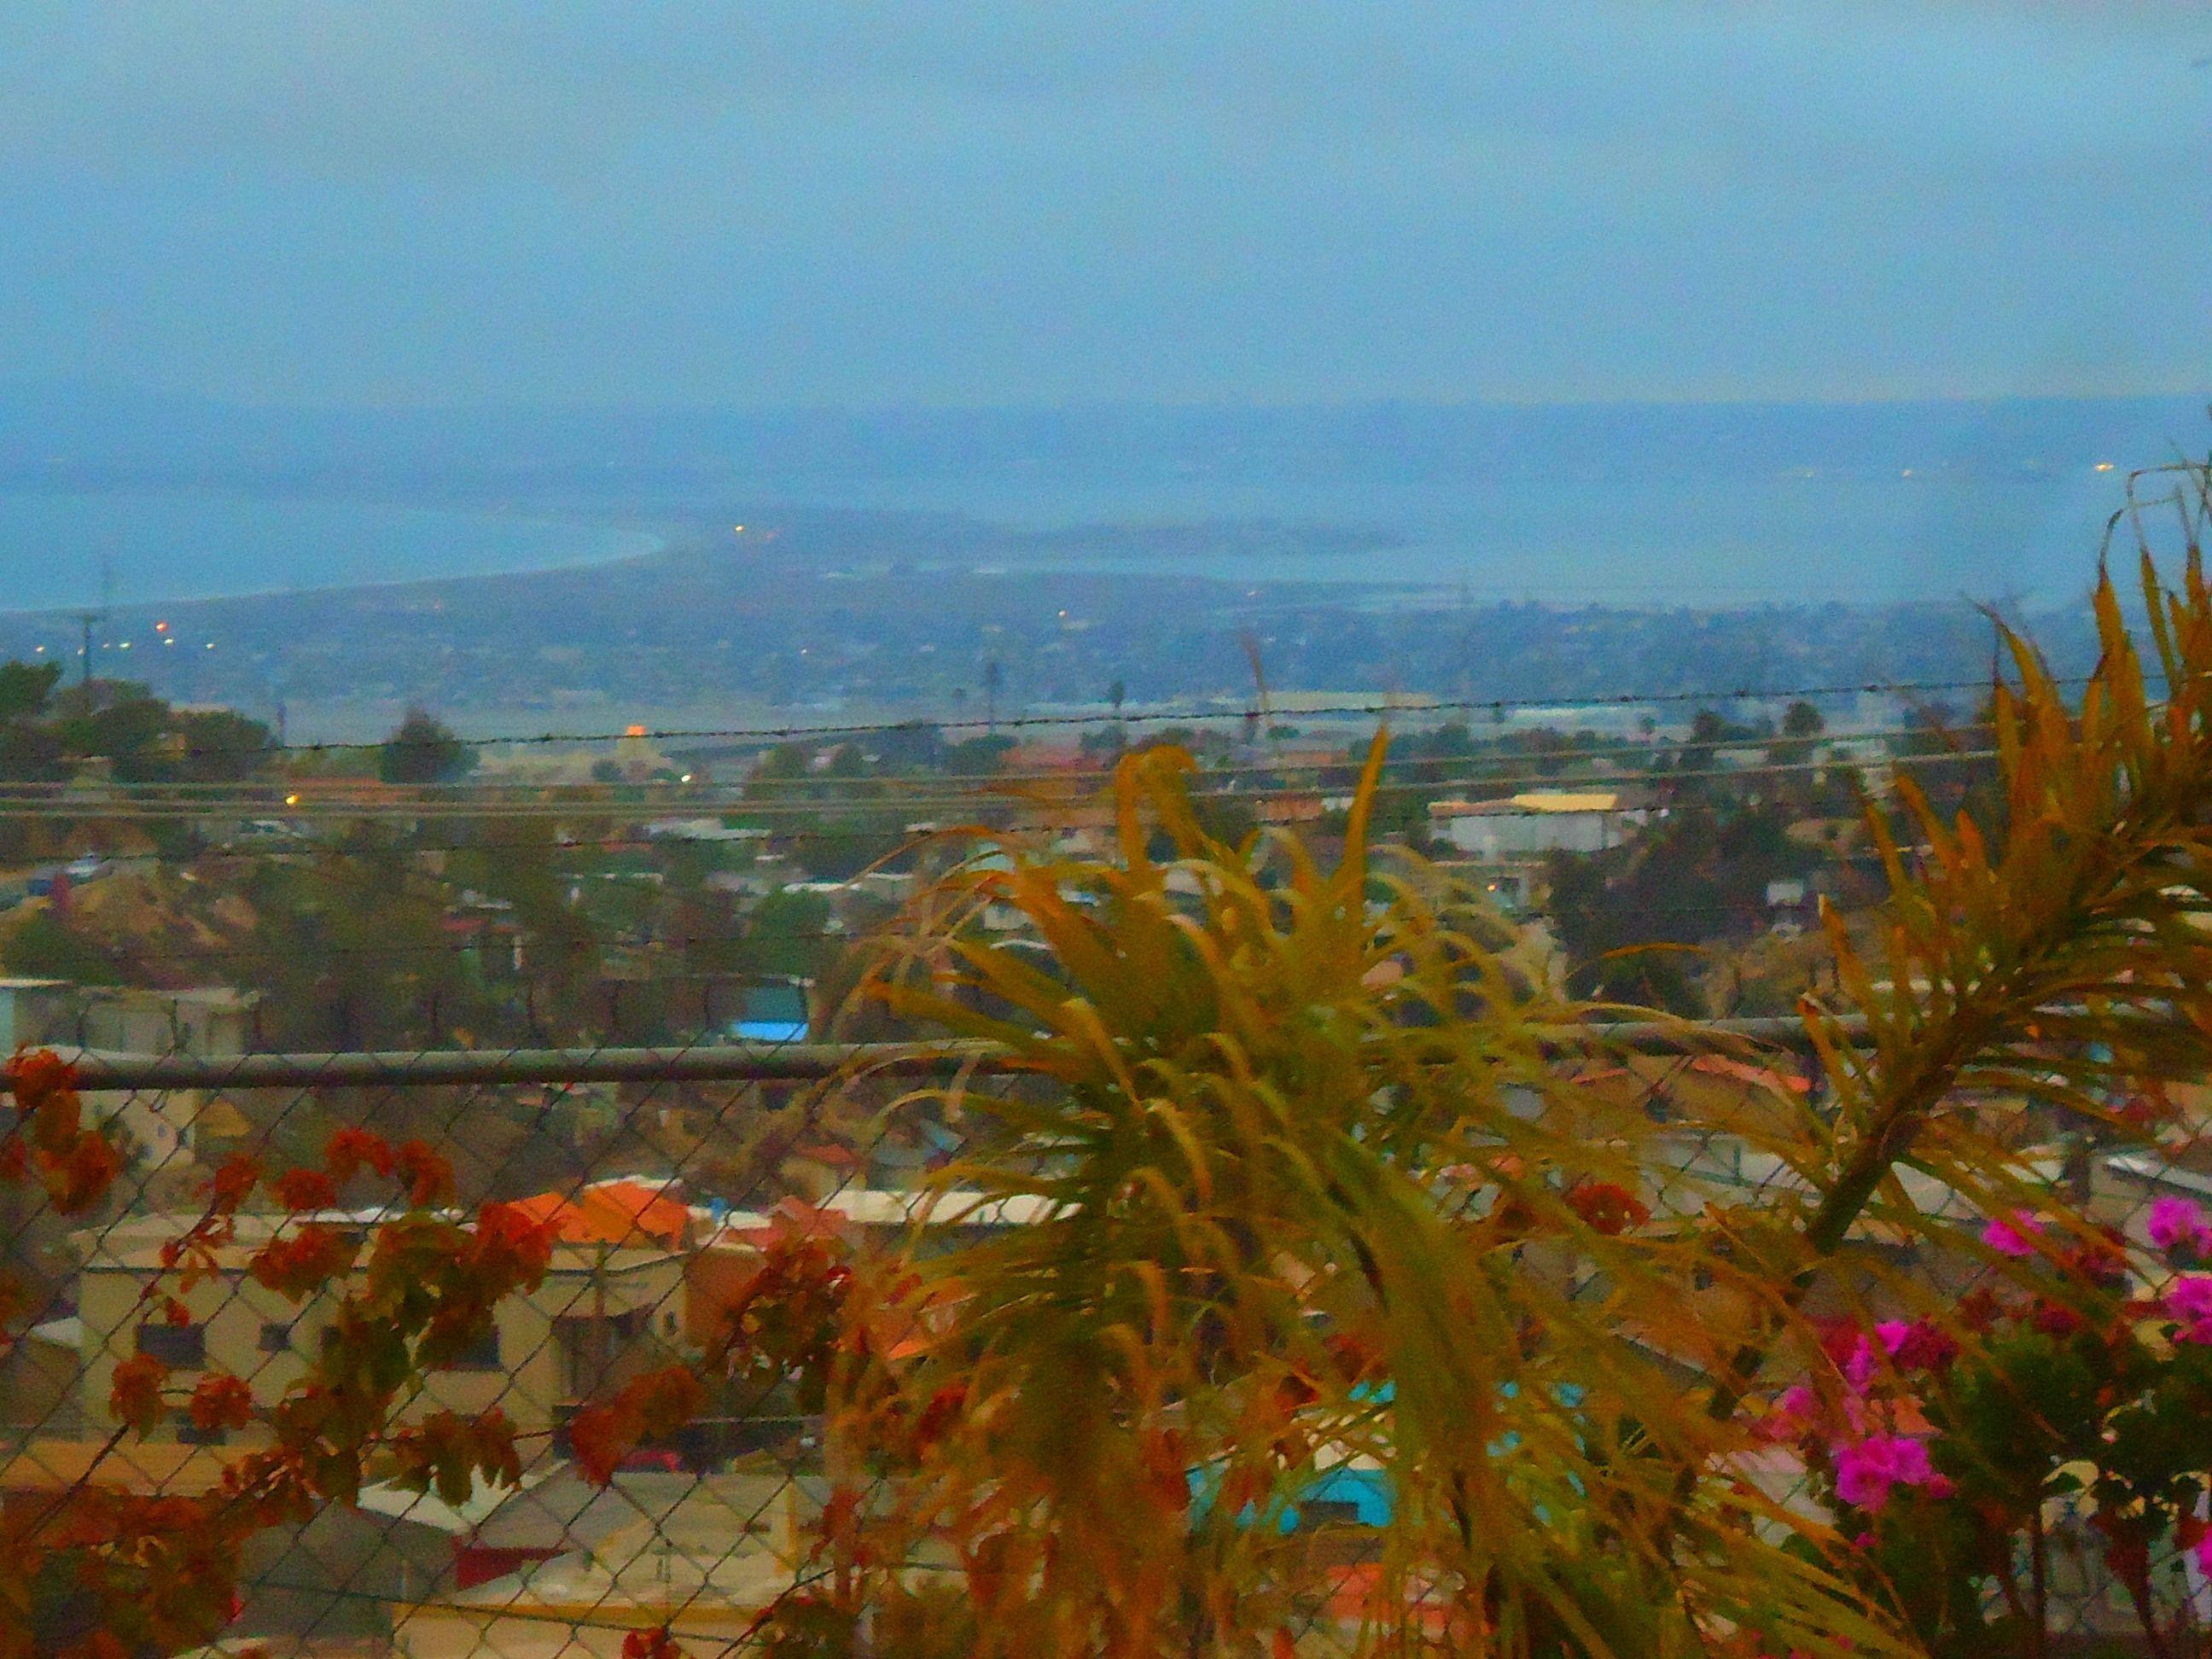 Ultimos rayos de sol.  Vista desde Jardín de Fiestas  Calypso Gardens!